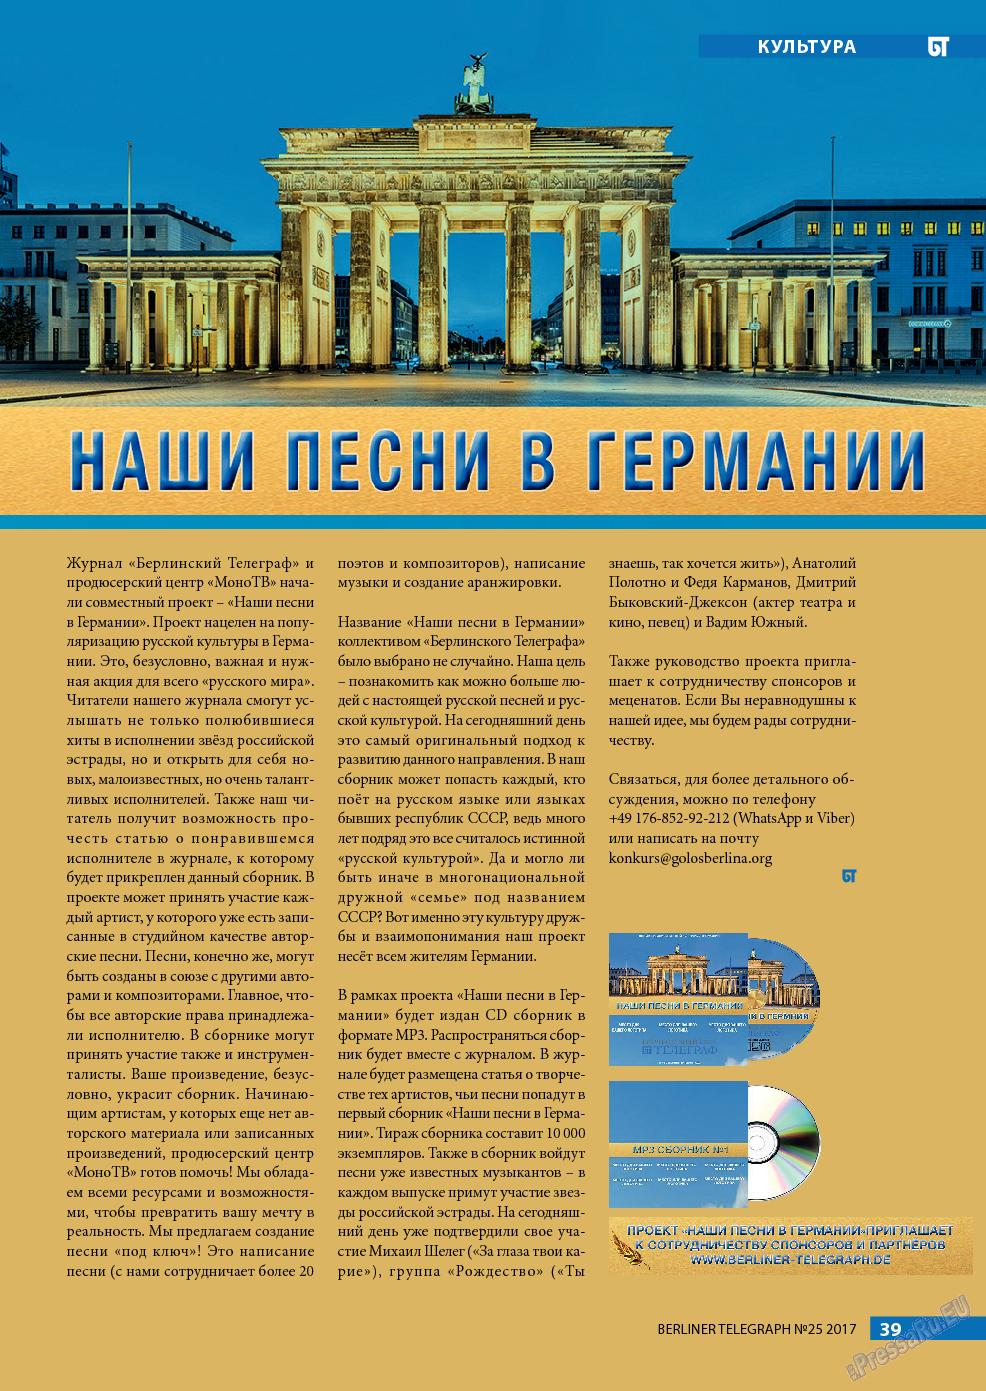 Берлинский телеграф (журнал). 2017 год, номер 25, стр. 39